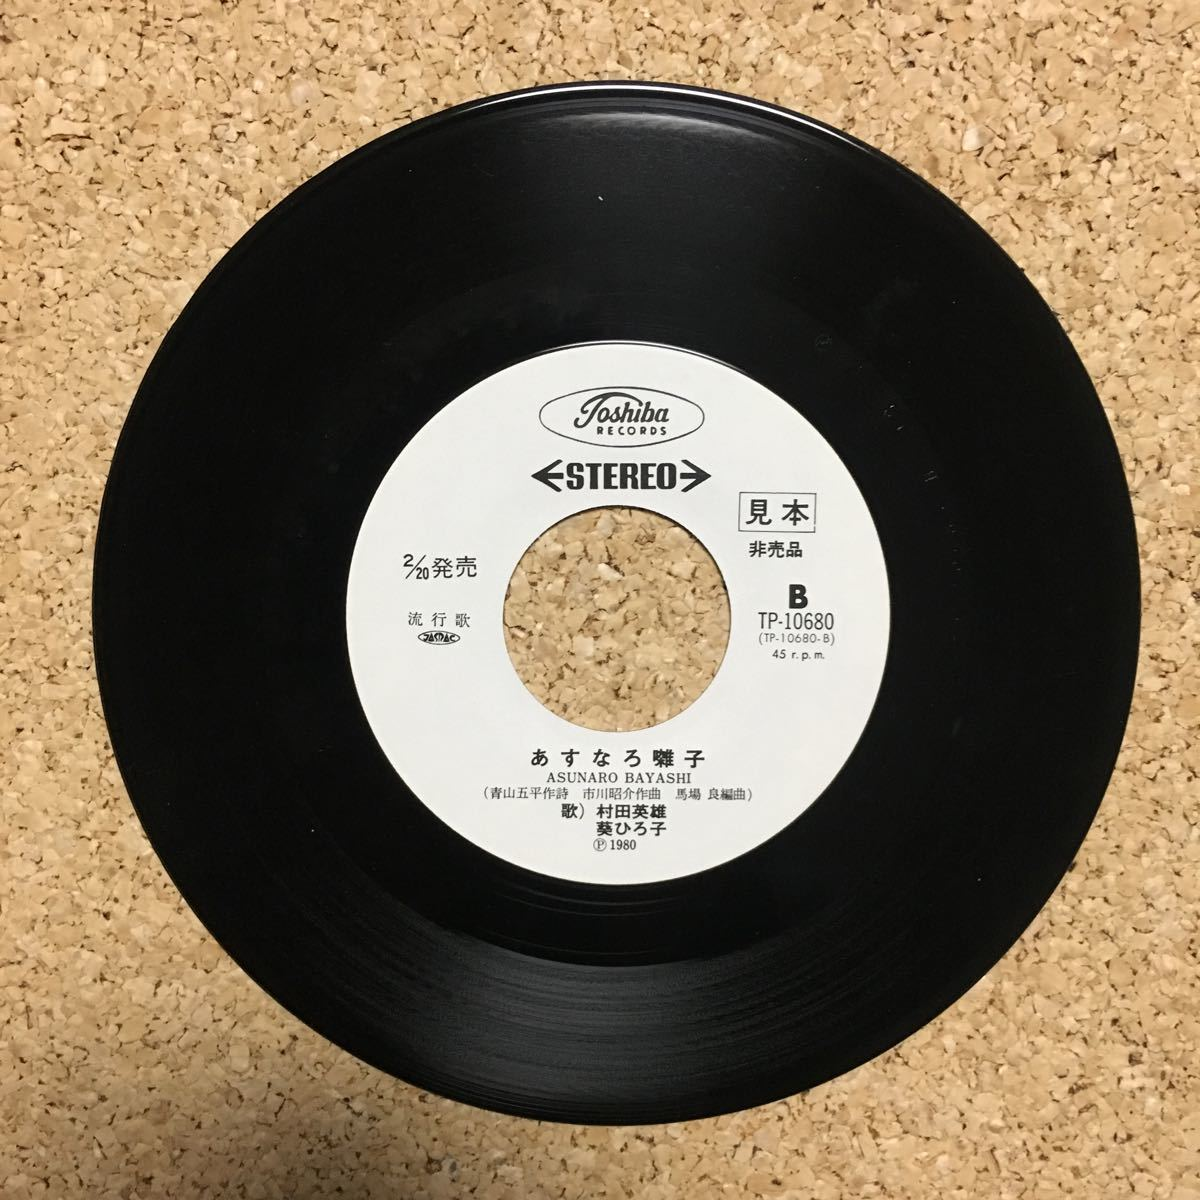 村田英雄 / 葵ひろ子 / にっぽん音頭 / あすなろ囃子 / レコード EP 見本盤 非売品_画像5